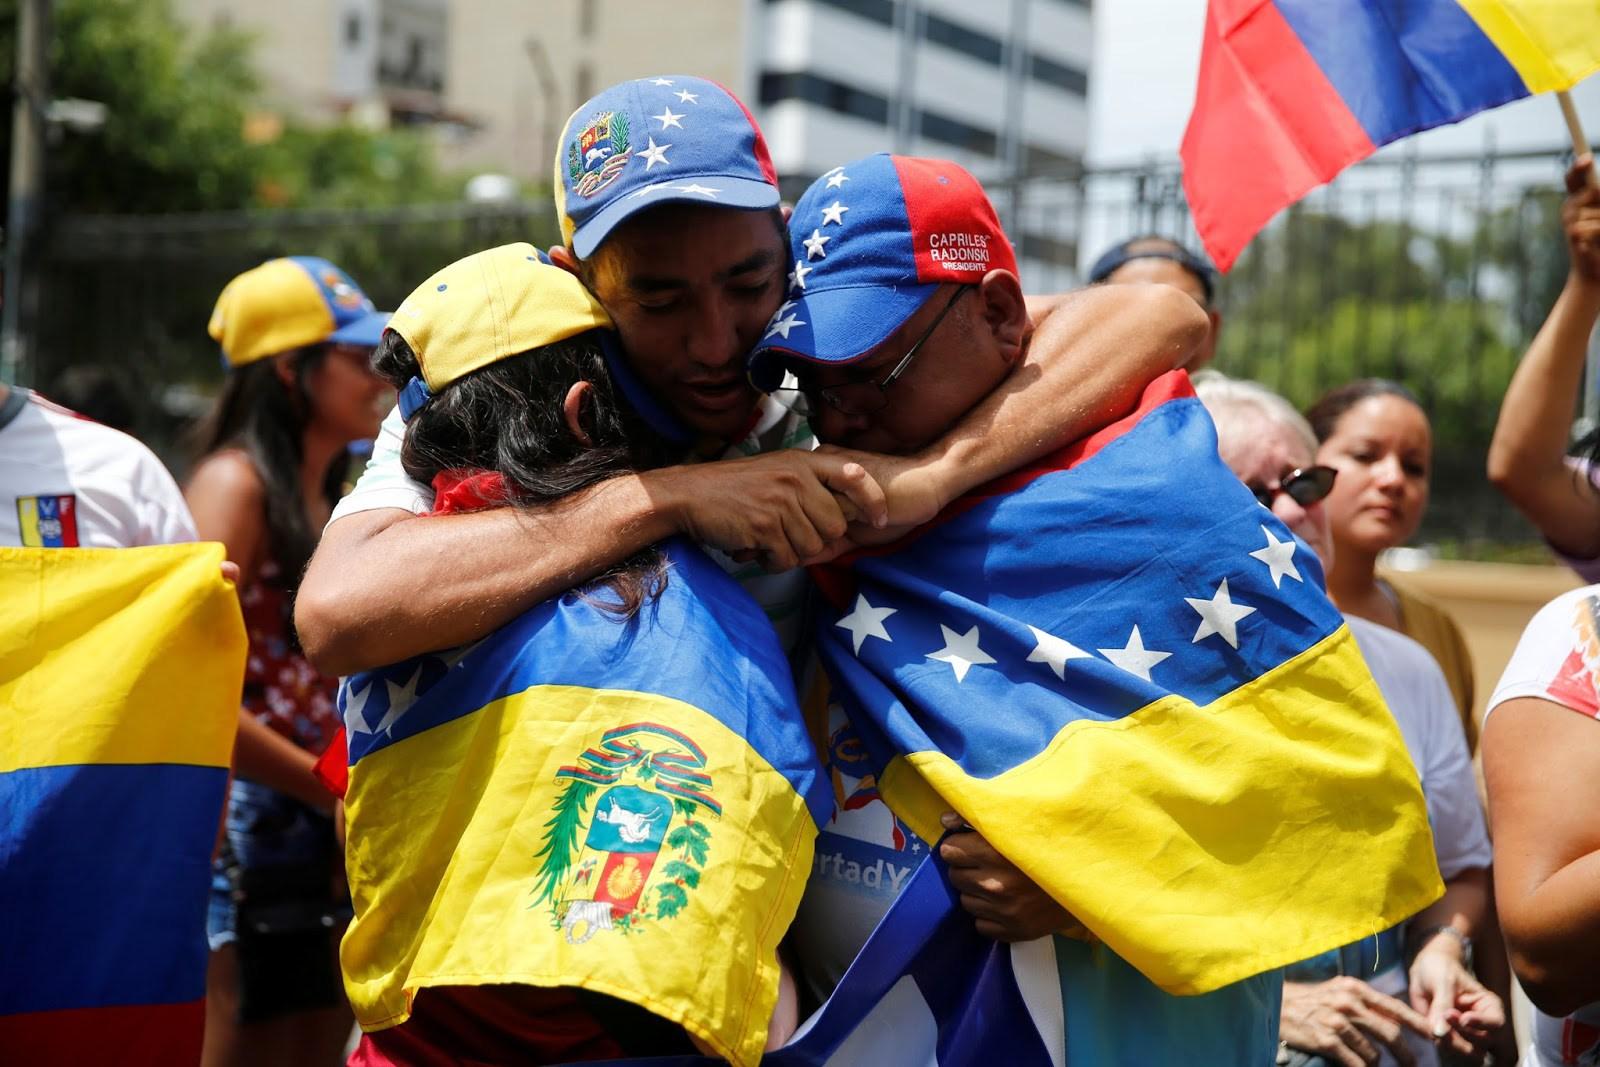 El enviado especial de las Naciones Unidas, Eduardo Stein, fue quien hizo el llamado tras visitar la ciudad de Cúcuta